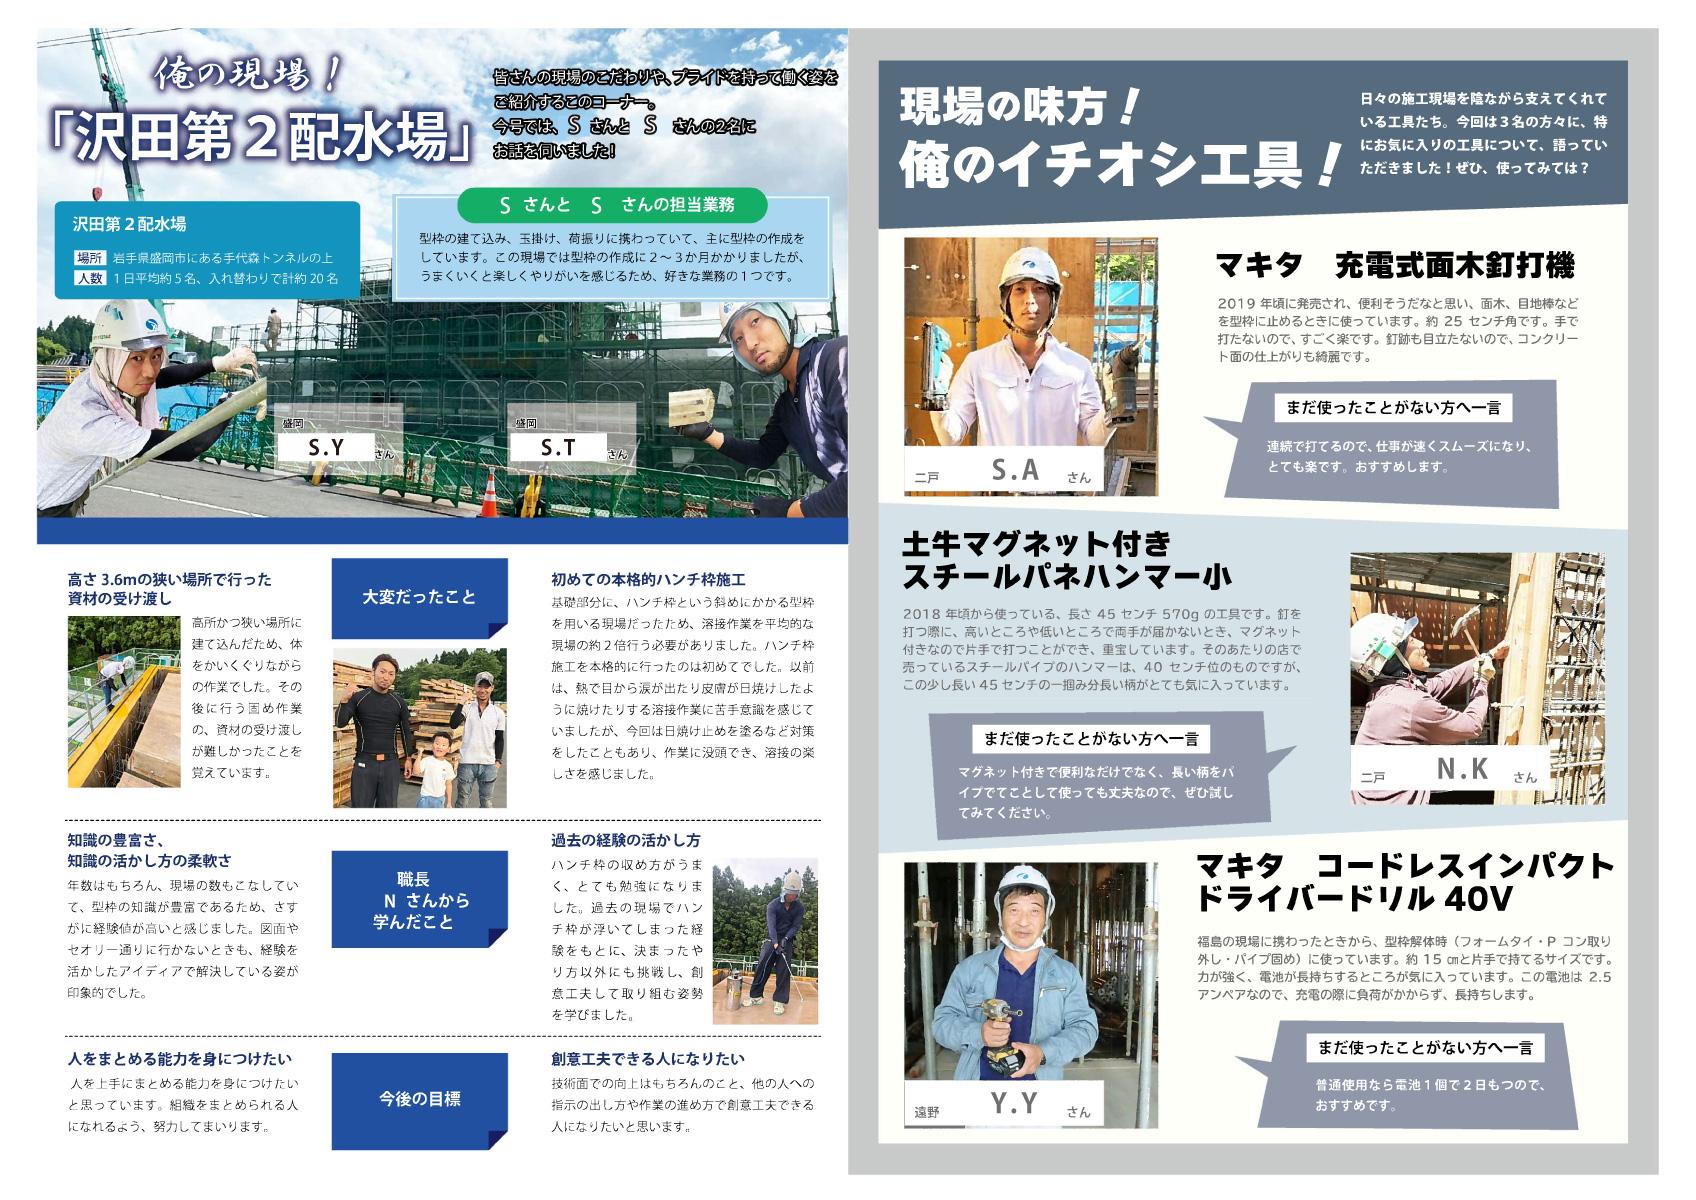 TKplus vol.10 2021年7月23日発行